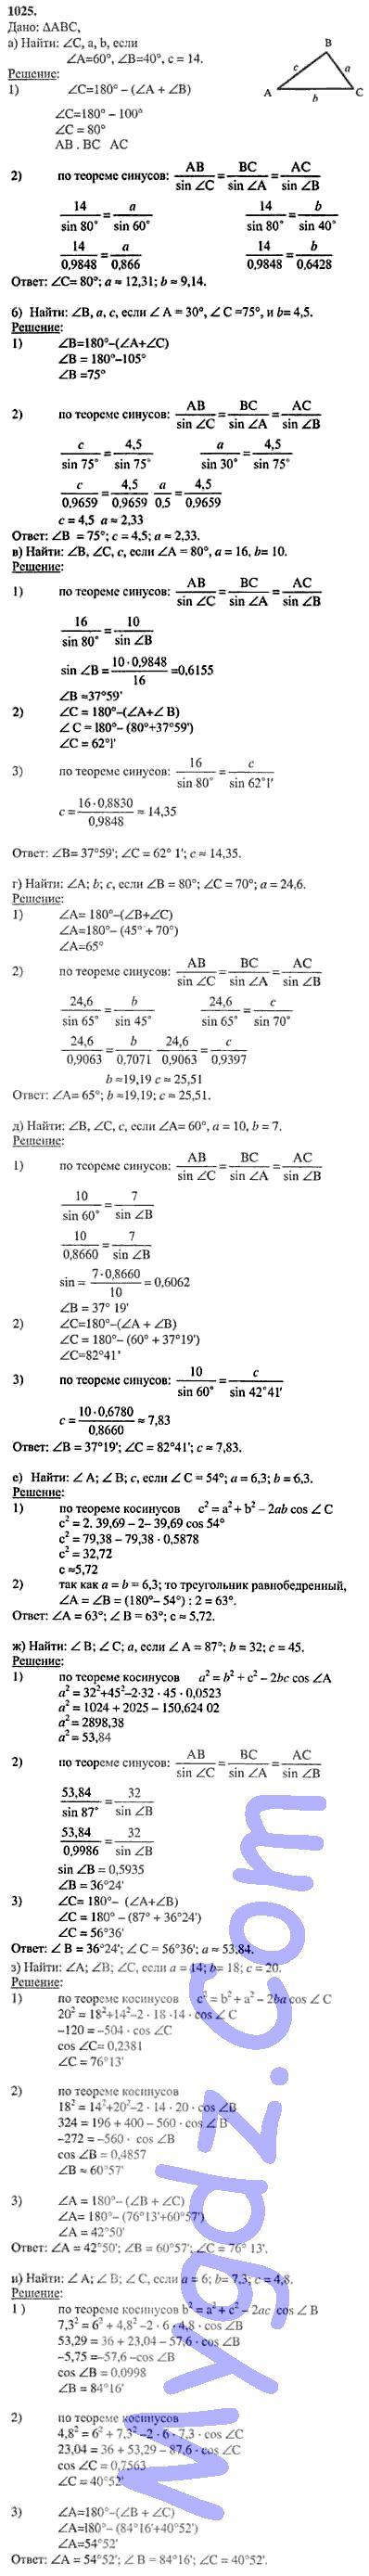 Полугодовая контрольная работа по всеобщей истории 16-25 параграф 7 класс